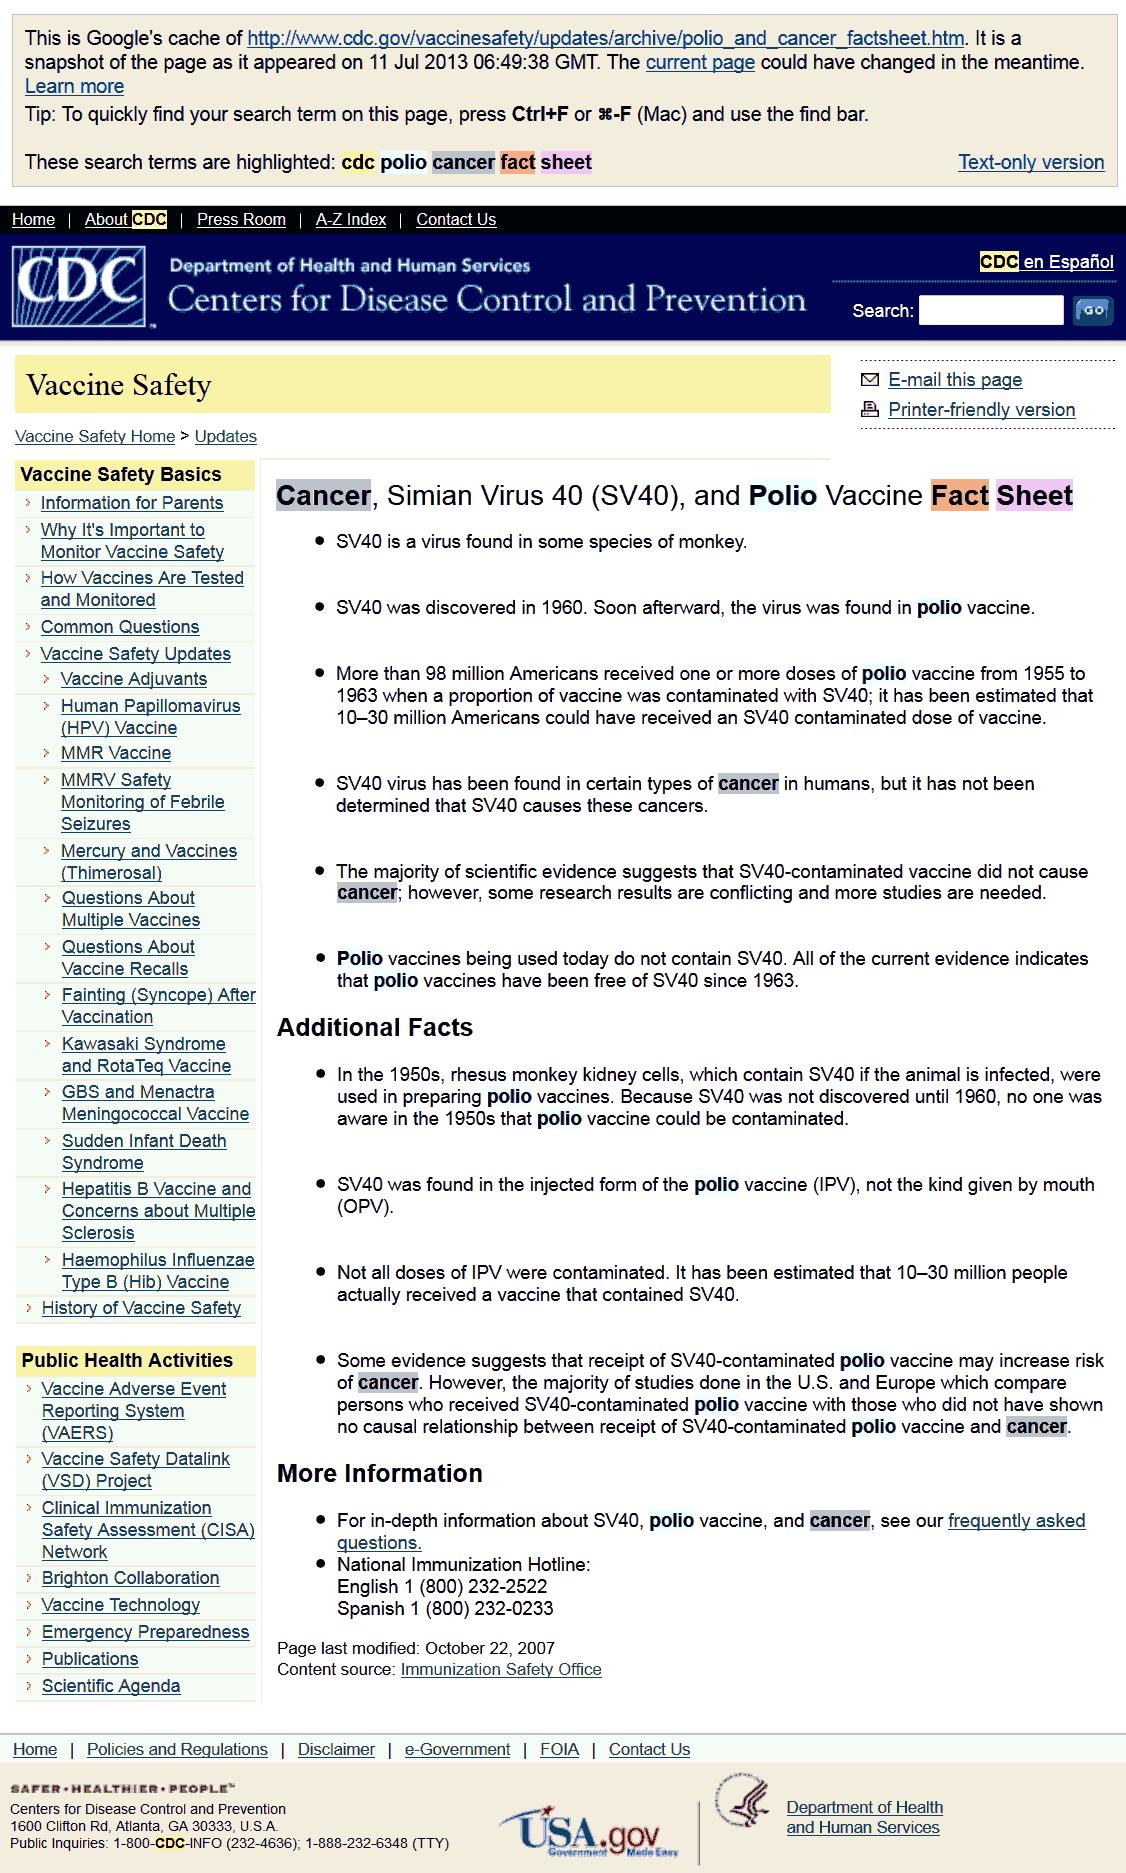 Rak, małpi wirus 40 (SV40) i szczepionka przeciwko polio